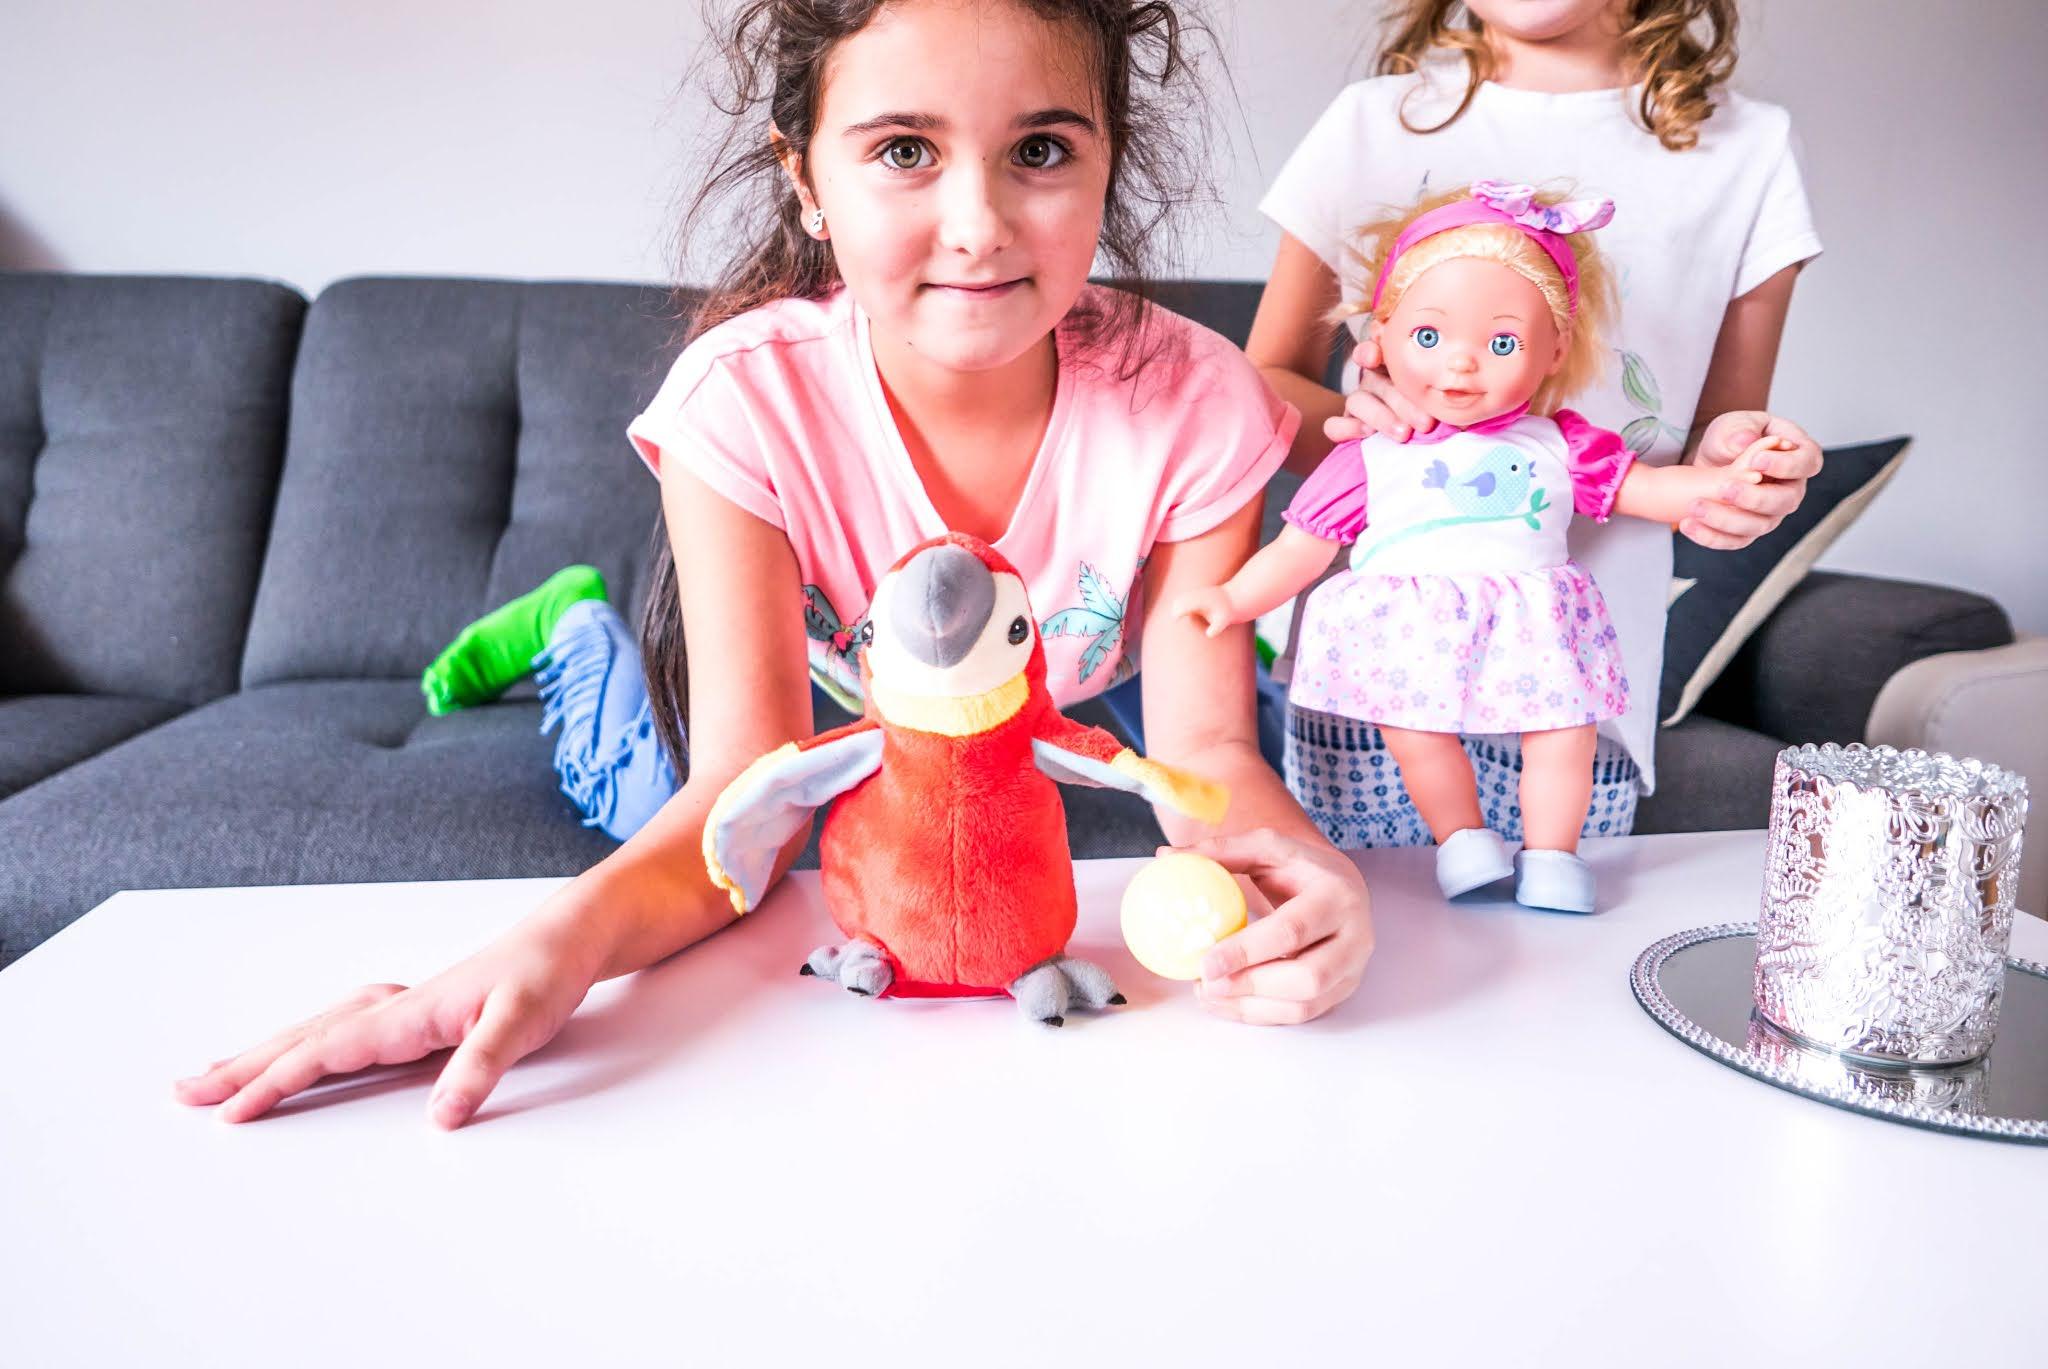 Dlaczego warto kupić dziecku interaktywne zabawki?